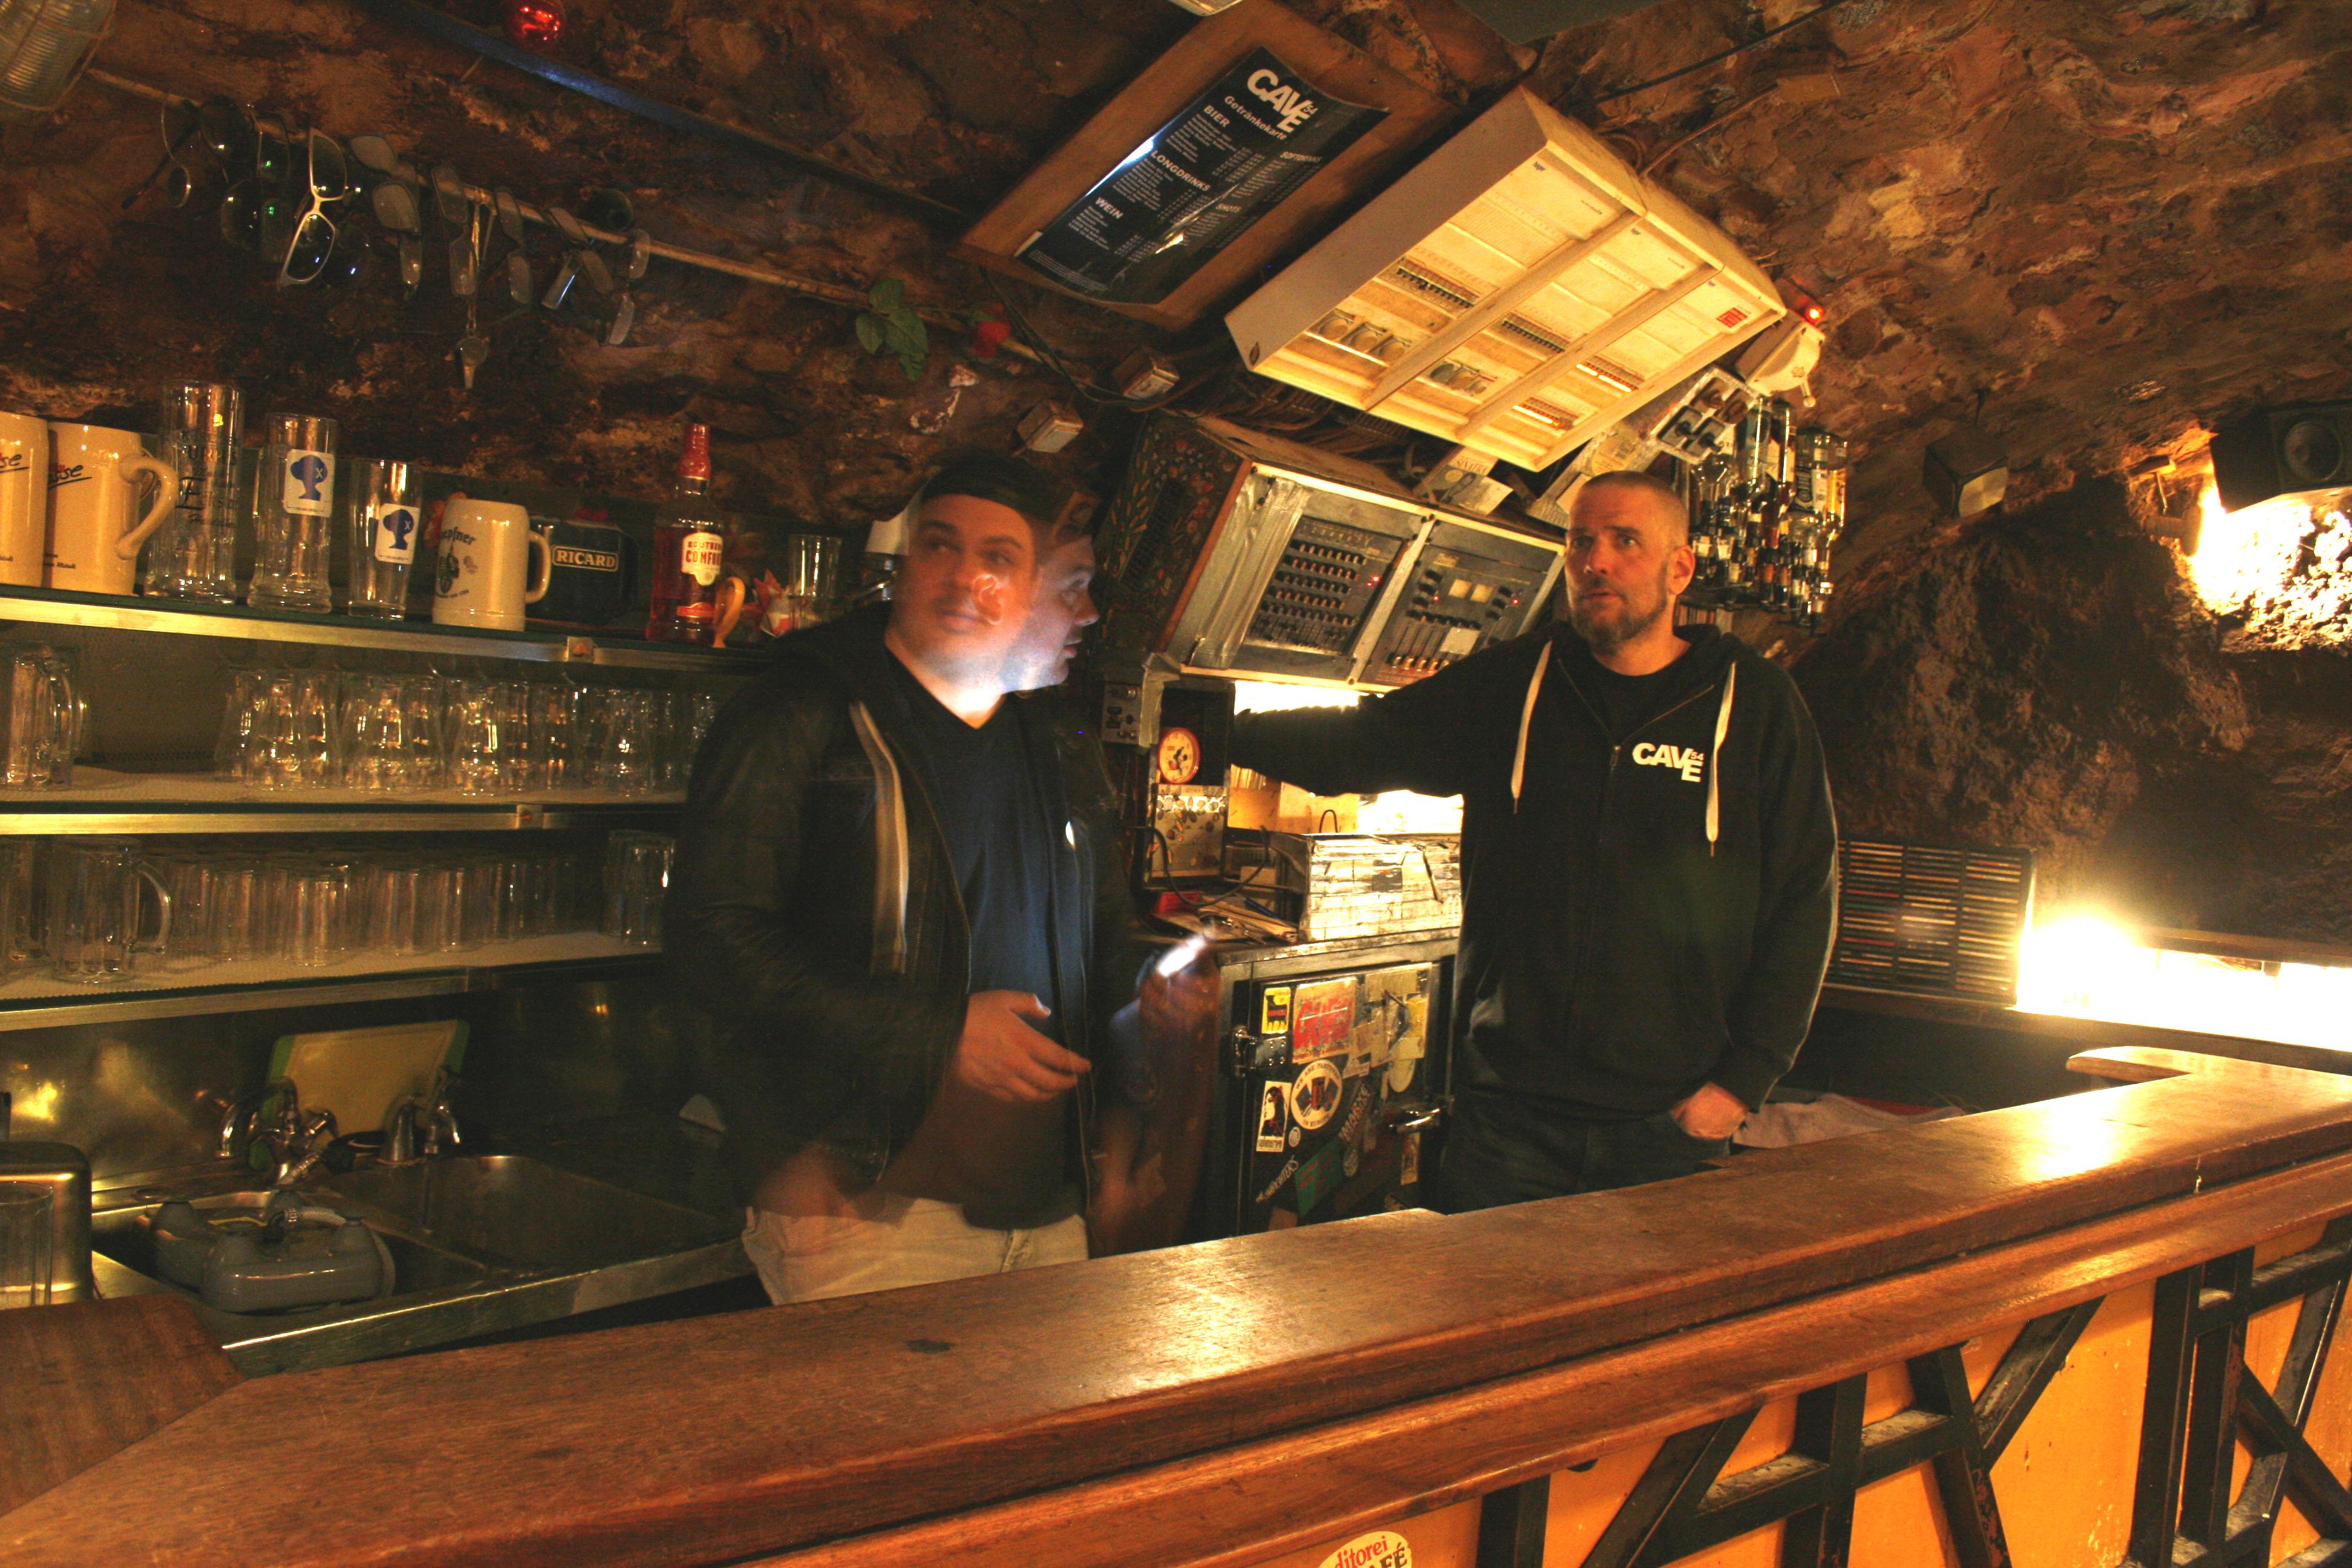 Die beiden neuen Betreiber des Cave, Rico Riedmüller (l.) und Werner Lorenz ((r.)hinter der Bar.  (Bild: Christopher Tiersch)